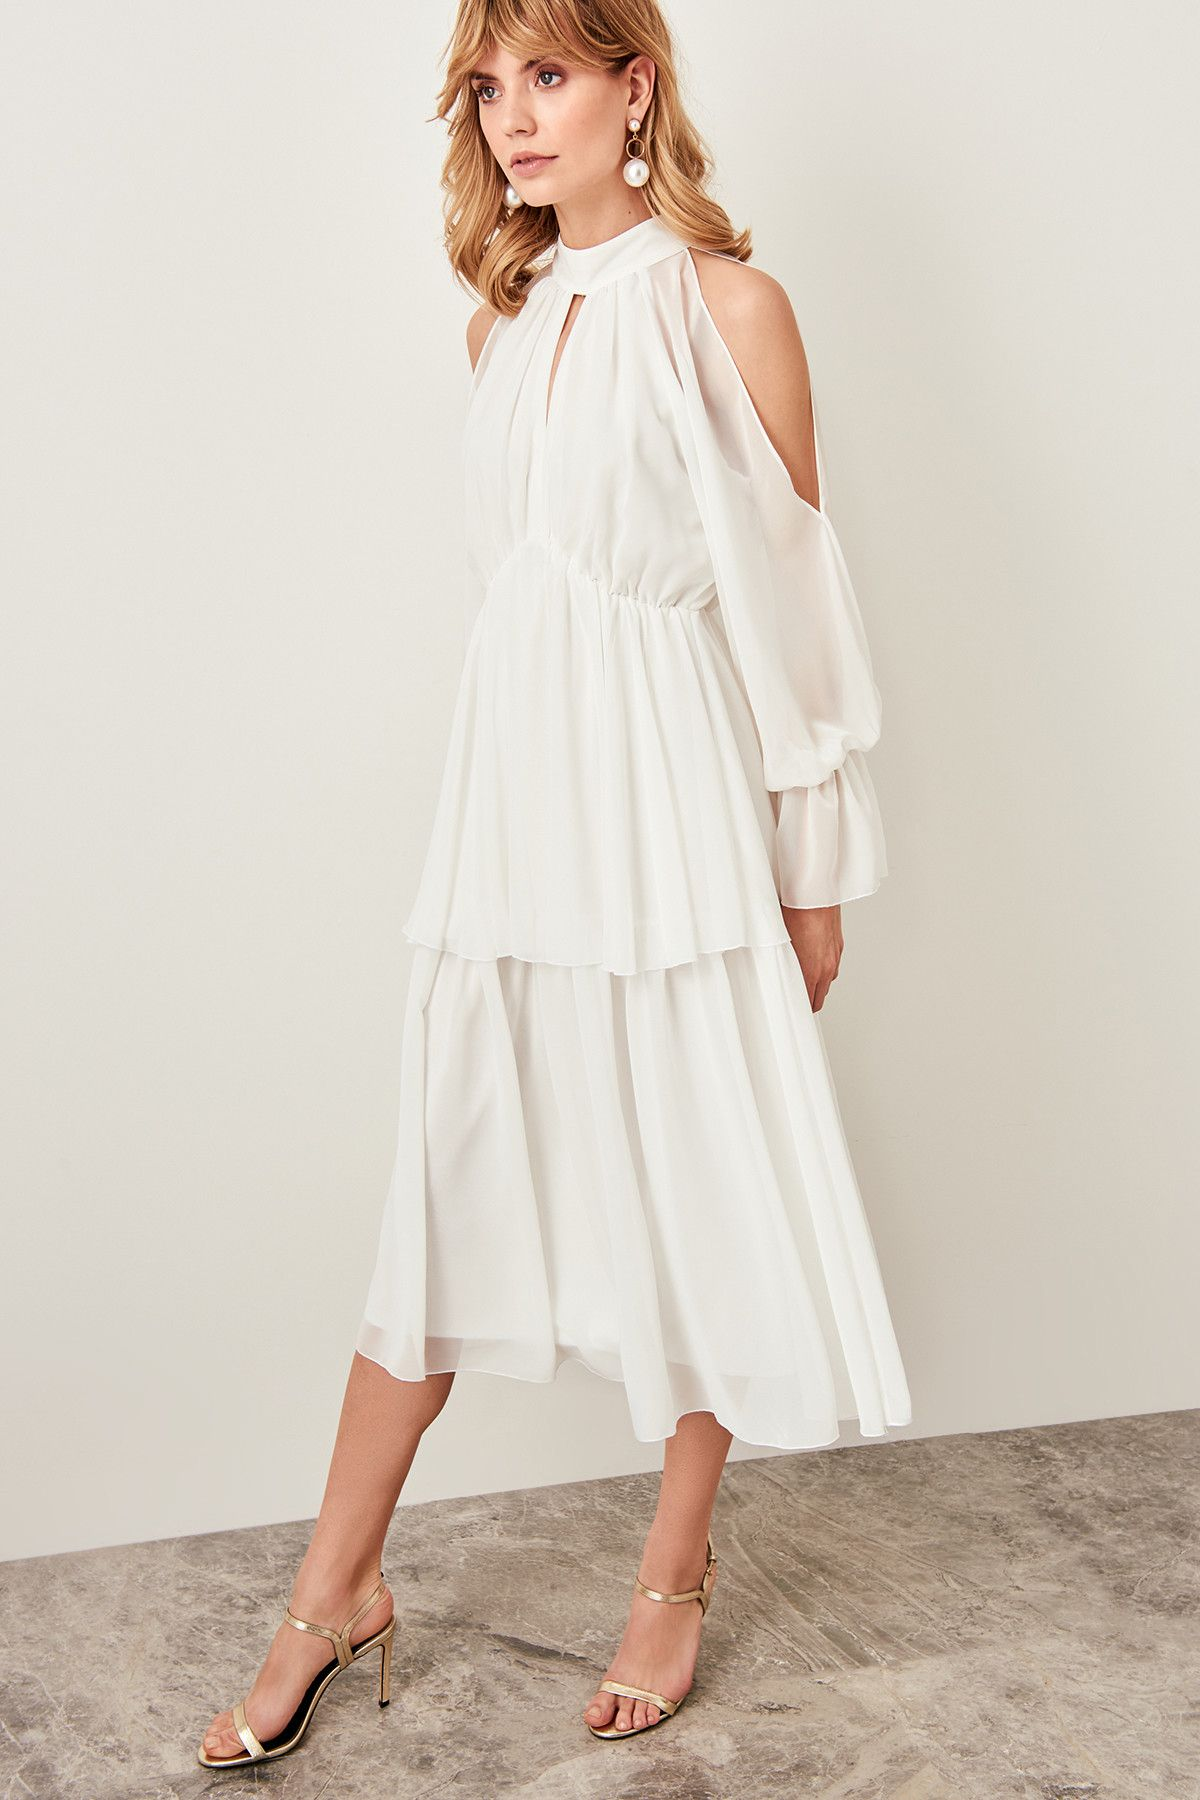 Beyaz Omuz Dekolteli Elbise Tpraw19fz0455 Trendyolmilla Trendyol The Dress Elbise Elbise Modelleri